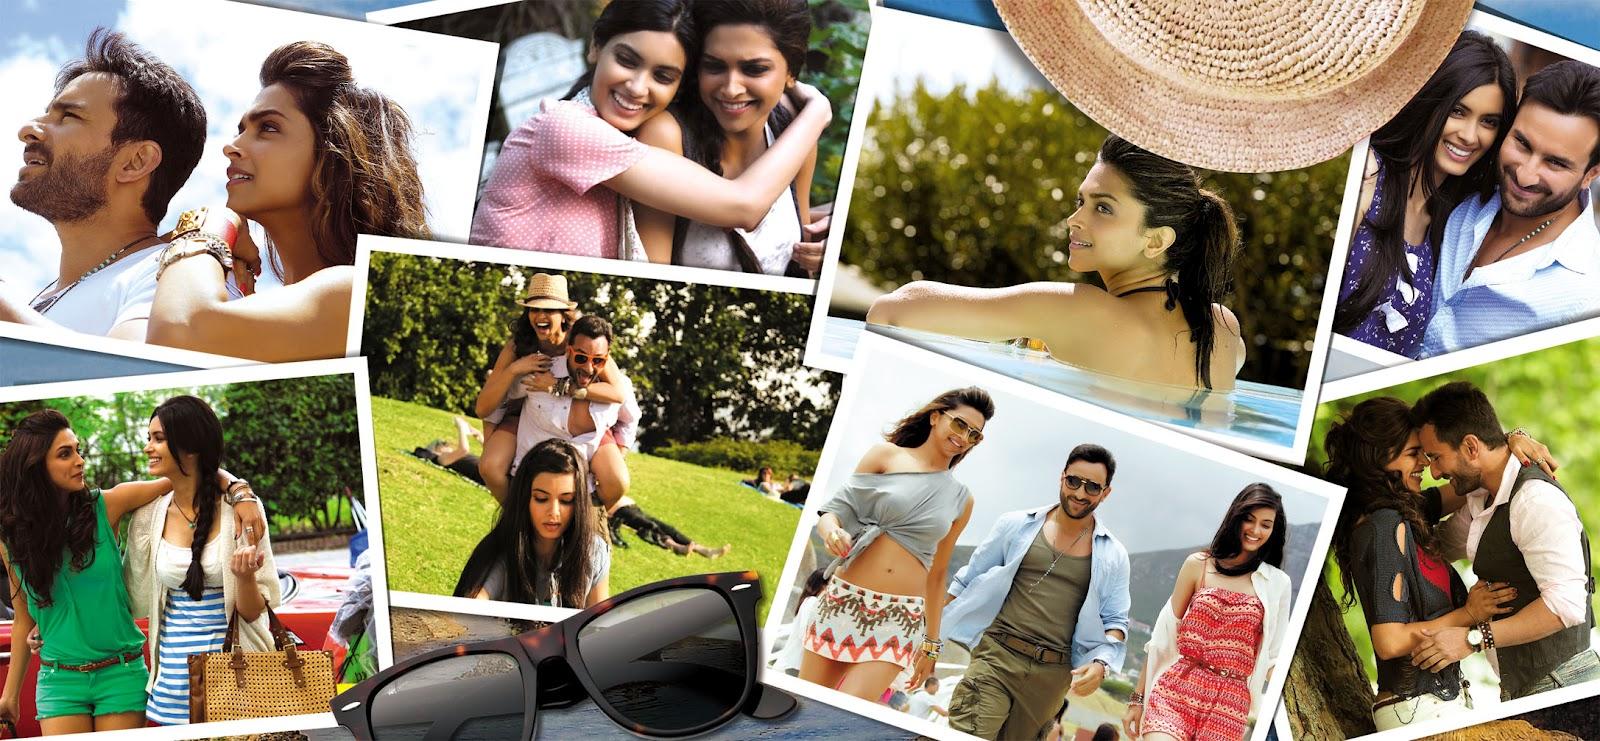 http://4.bp.blogspot.com/-6UD0PFAwx1k/UAwXMJdxEJI/AAAAAAAAAuI/5o9tFy8XfZU/s1600/collage.jpg